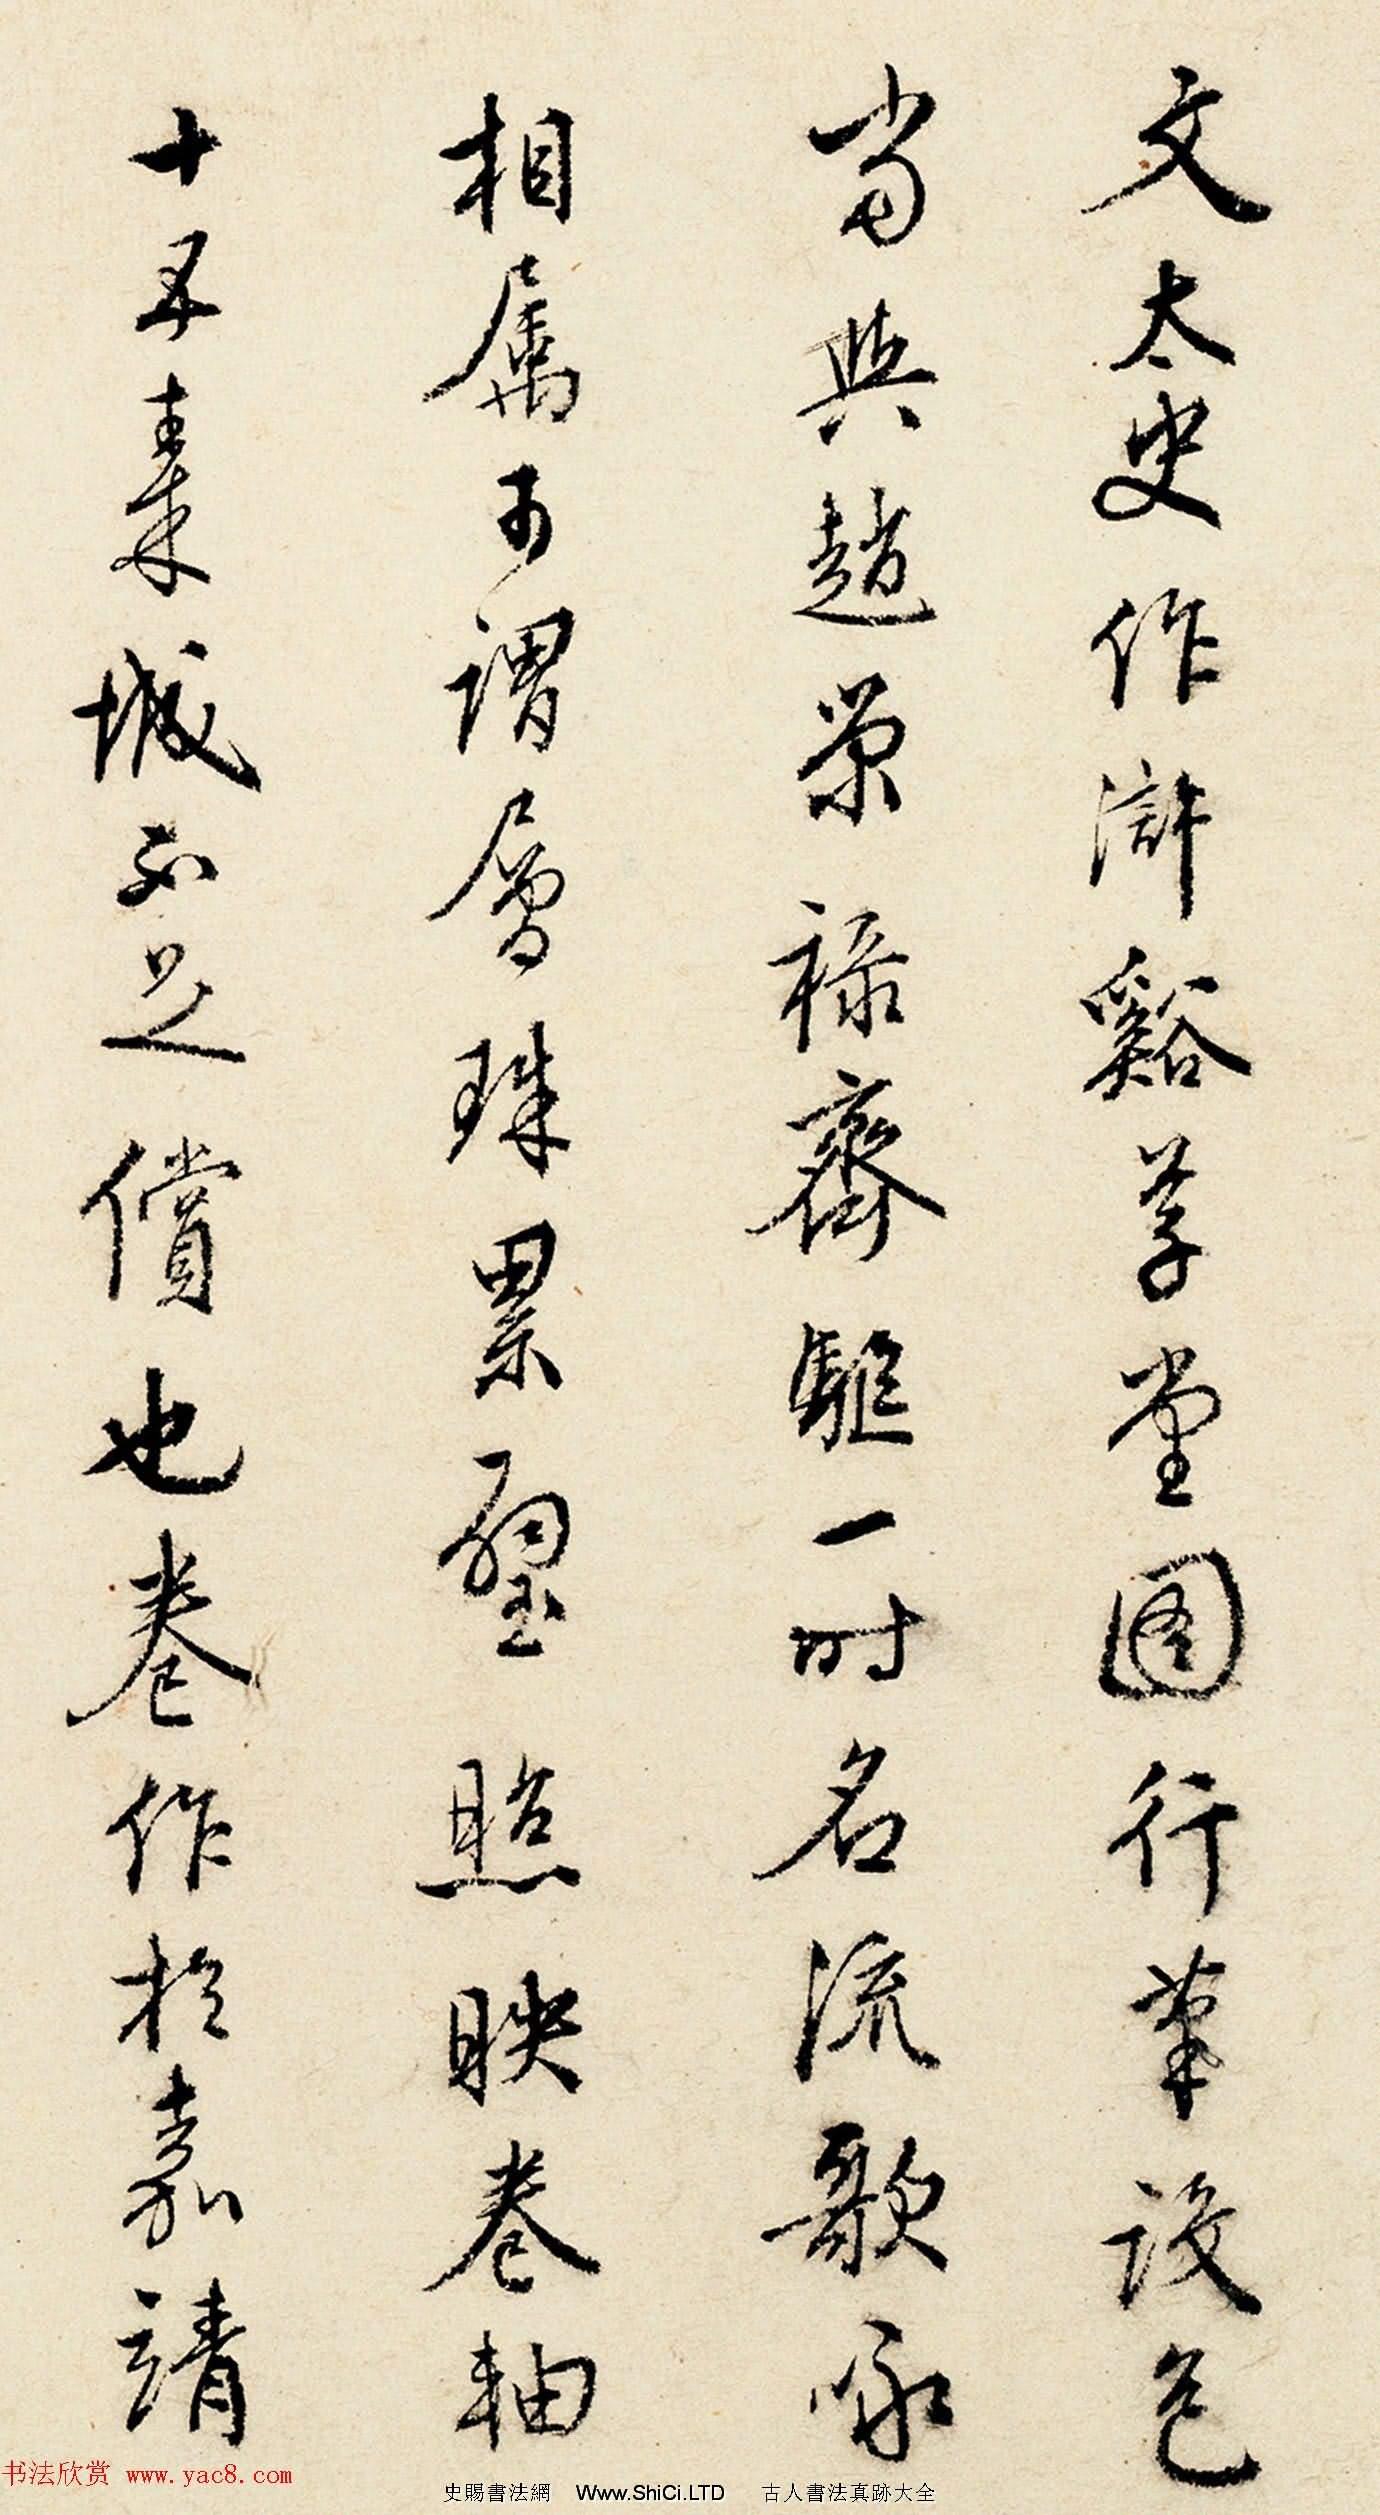 明代王稚登書法題文徵明滸溪草堂圖(共2張圖片)